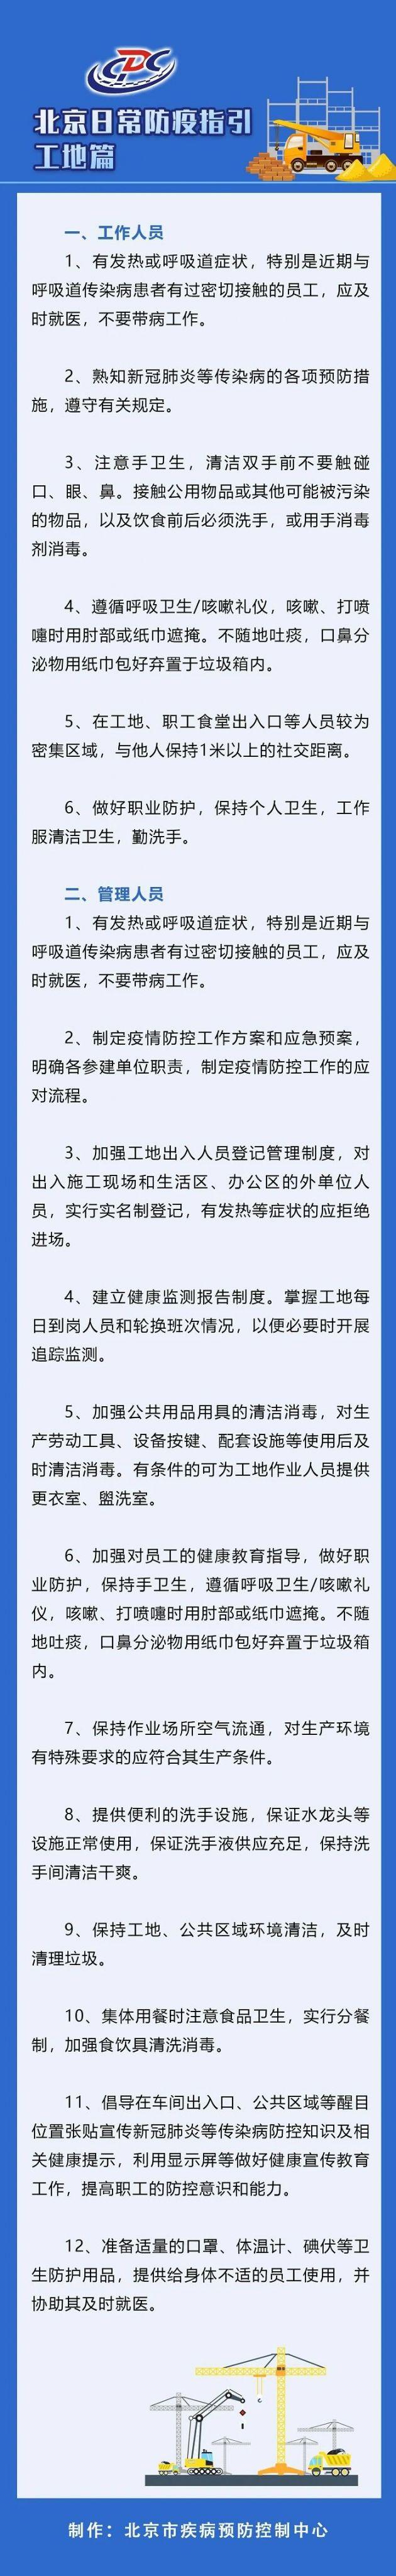 北京日常防疫指引——工地篇